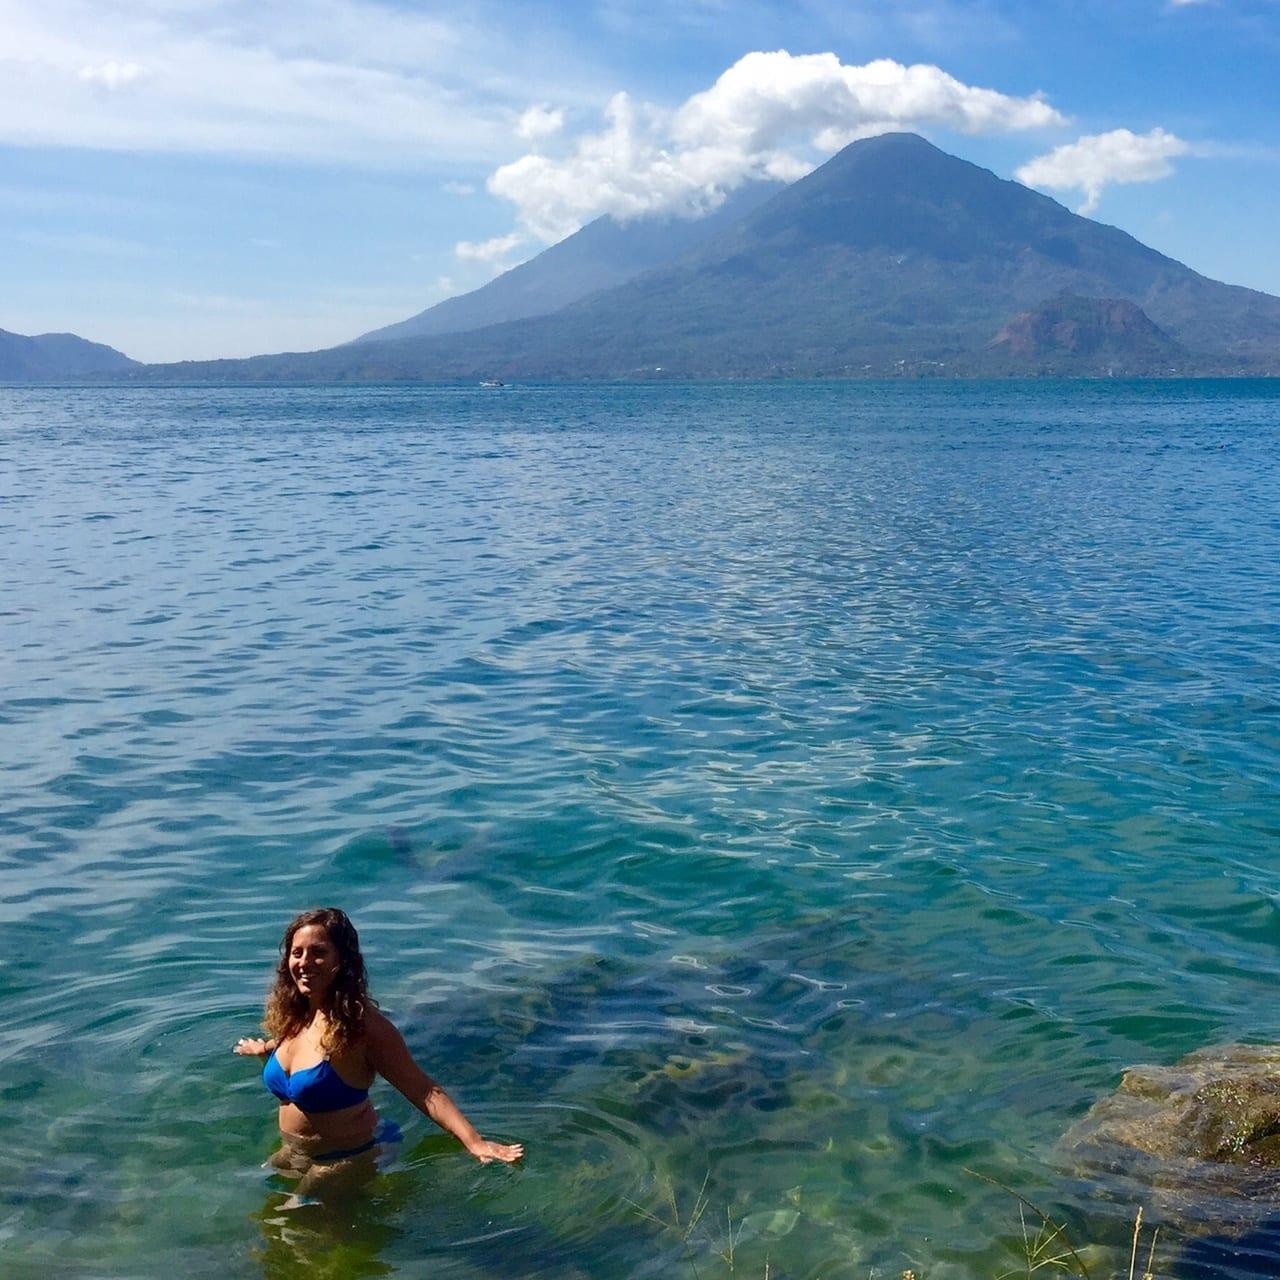 Kate in Lake Atitlan